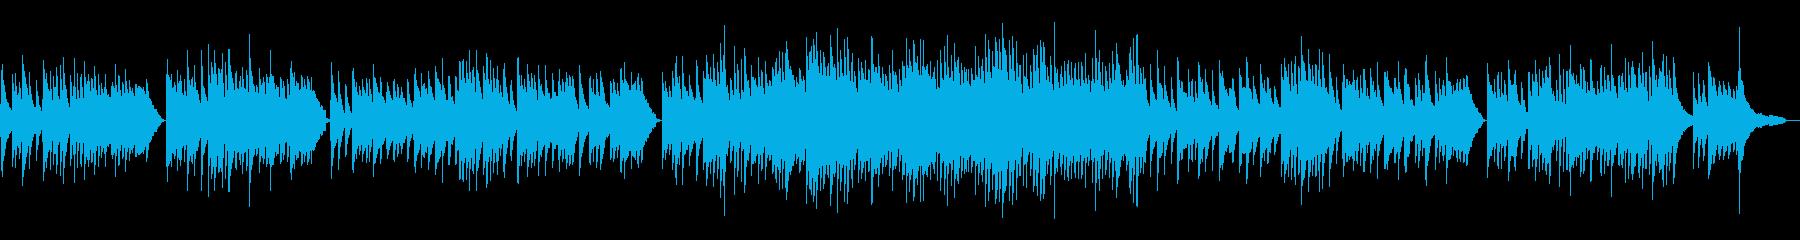 琴線に触れるような切ないピアノソロ曲の再生済みの波形